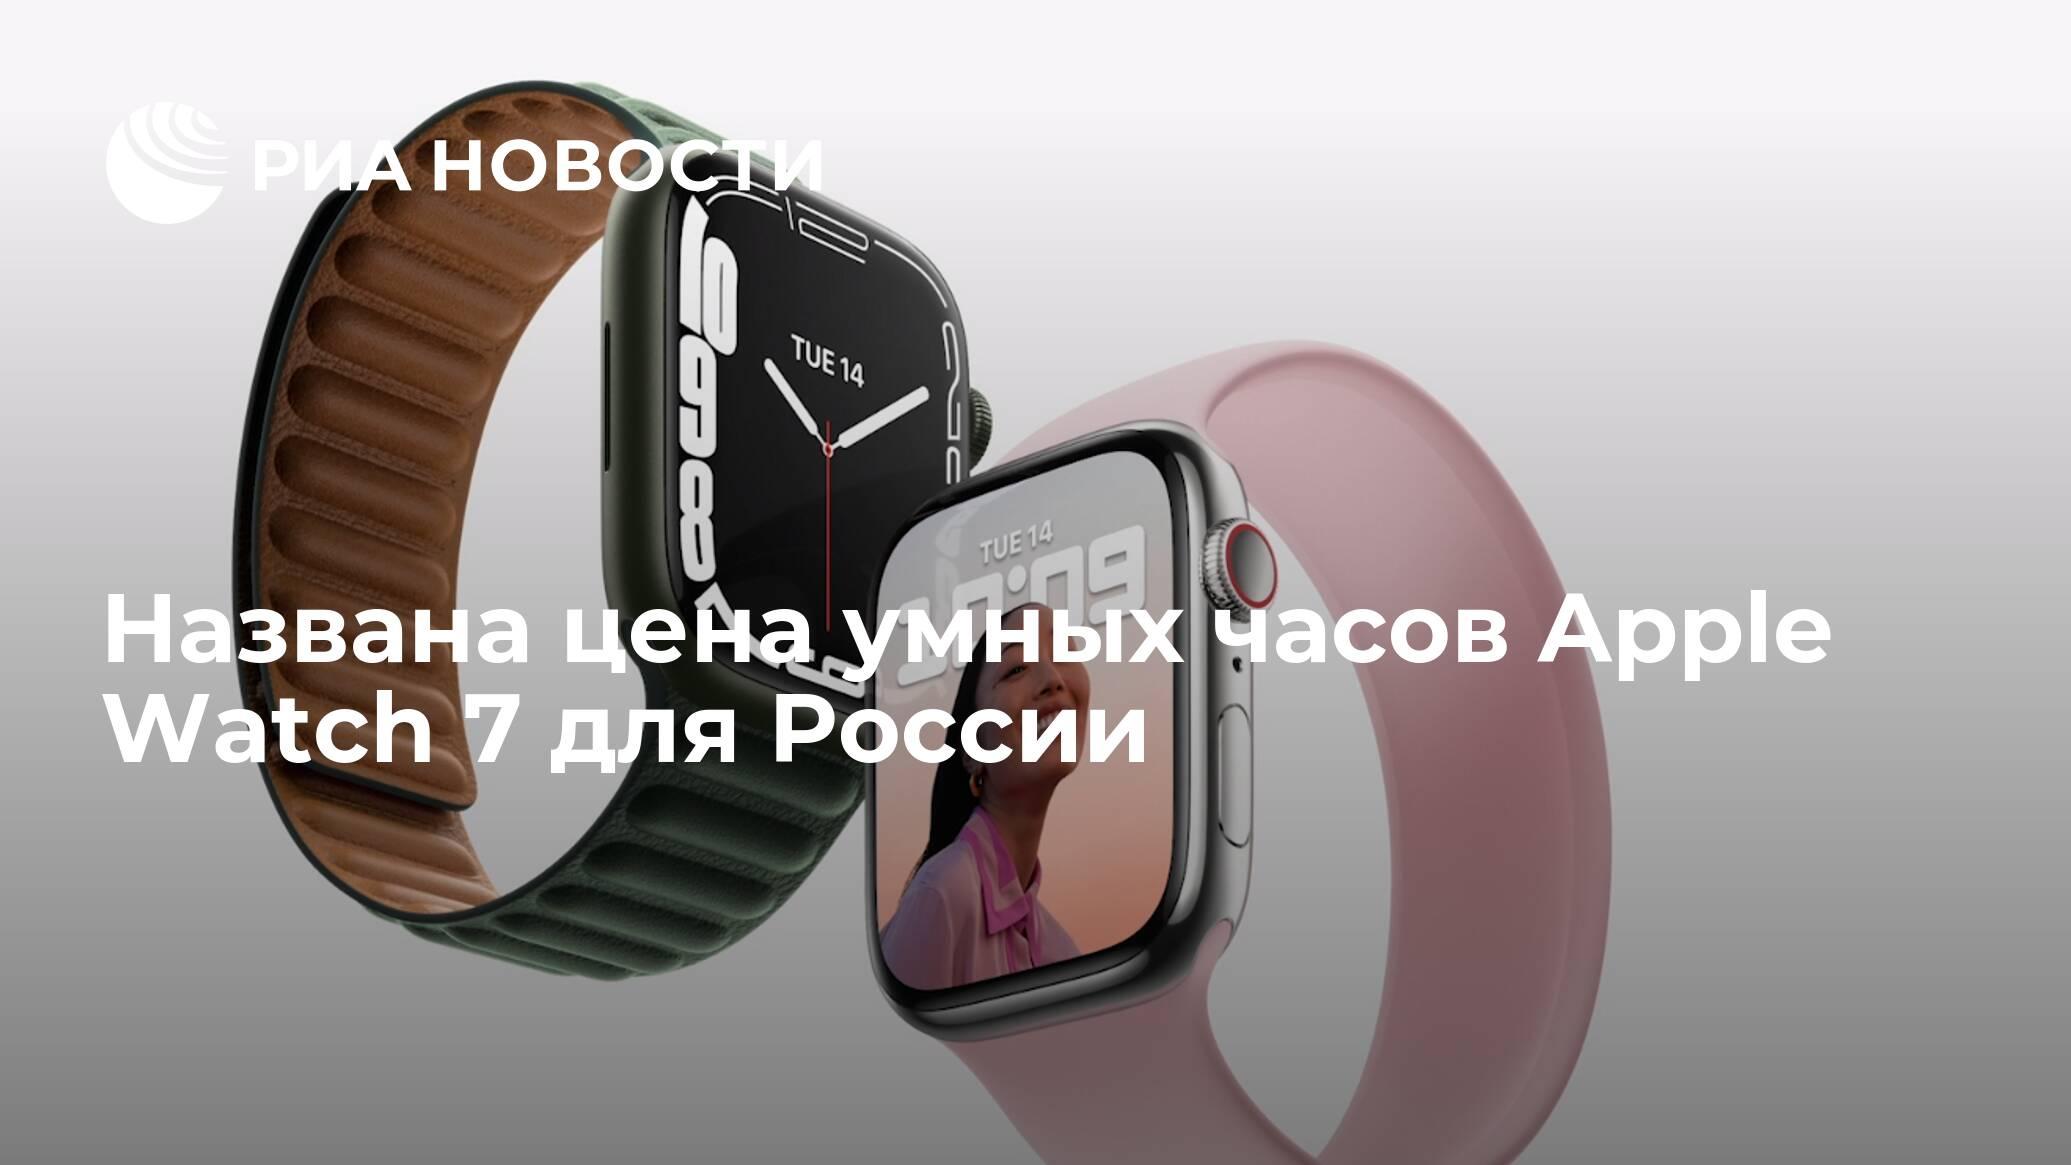 Названа цена умных часов Apple Watch 7 для России